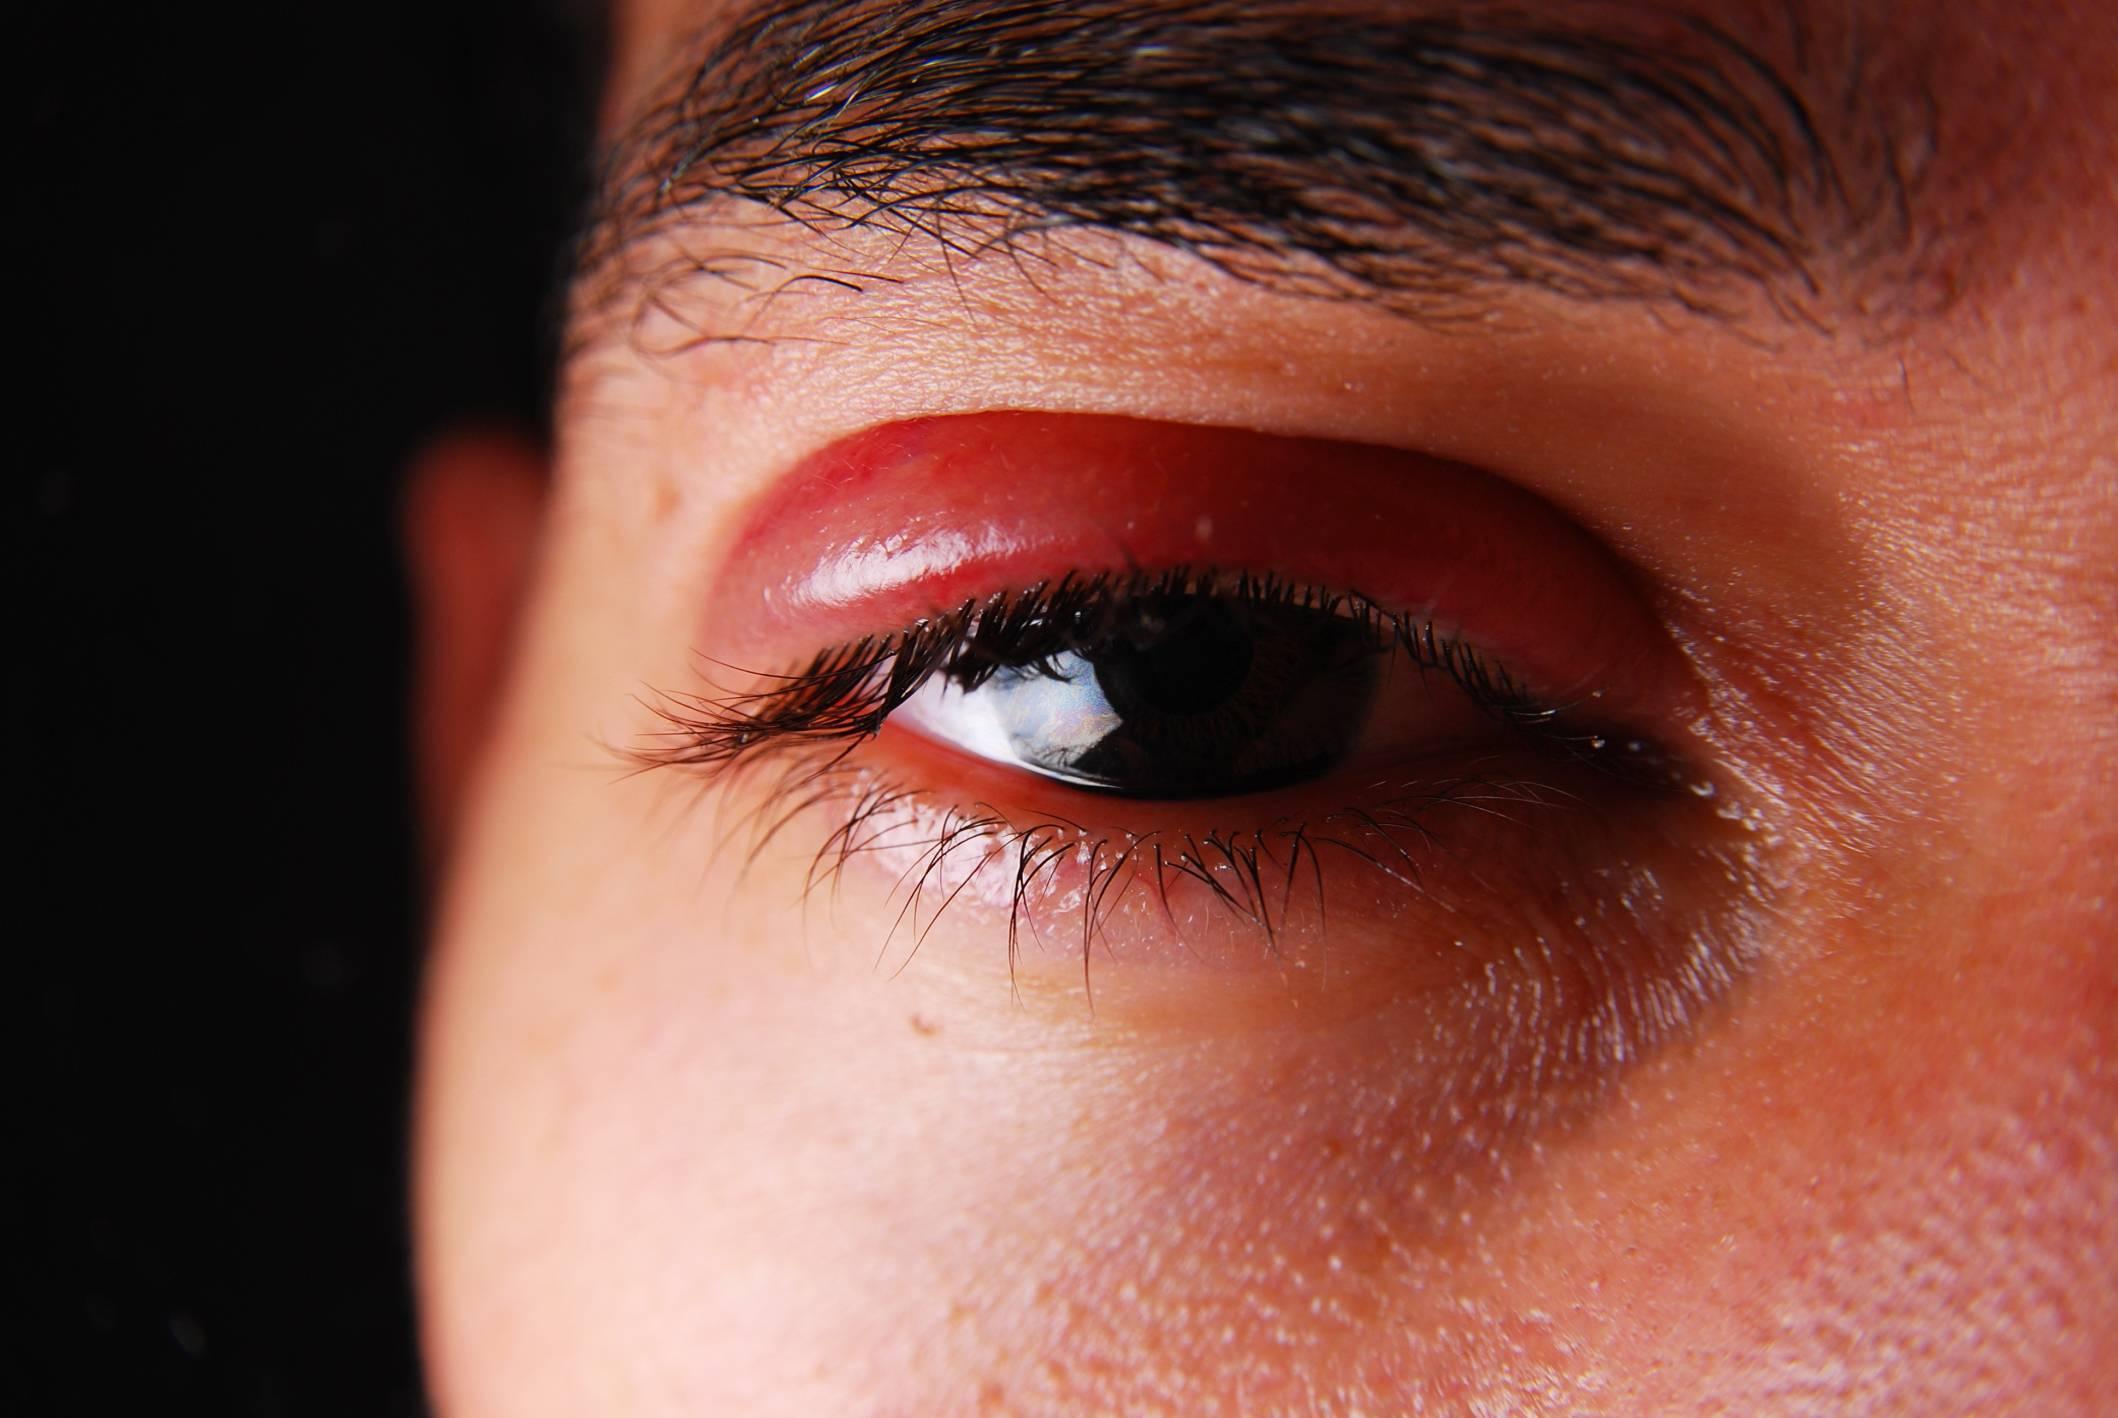 Один глаз красный слезится и болит